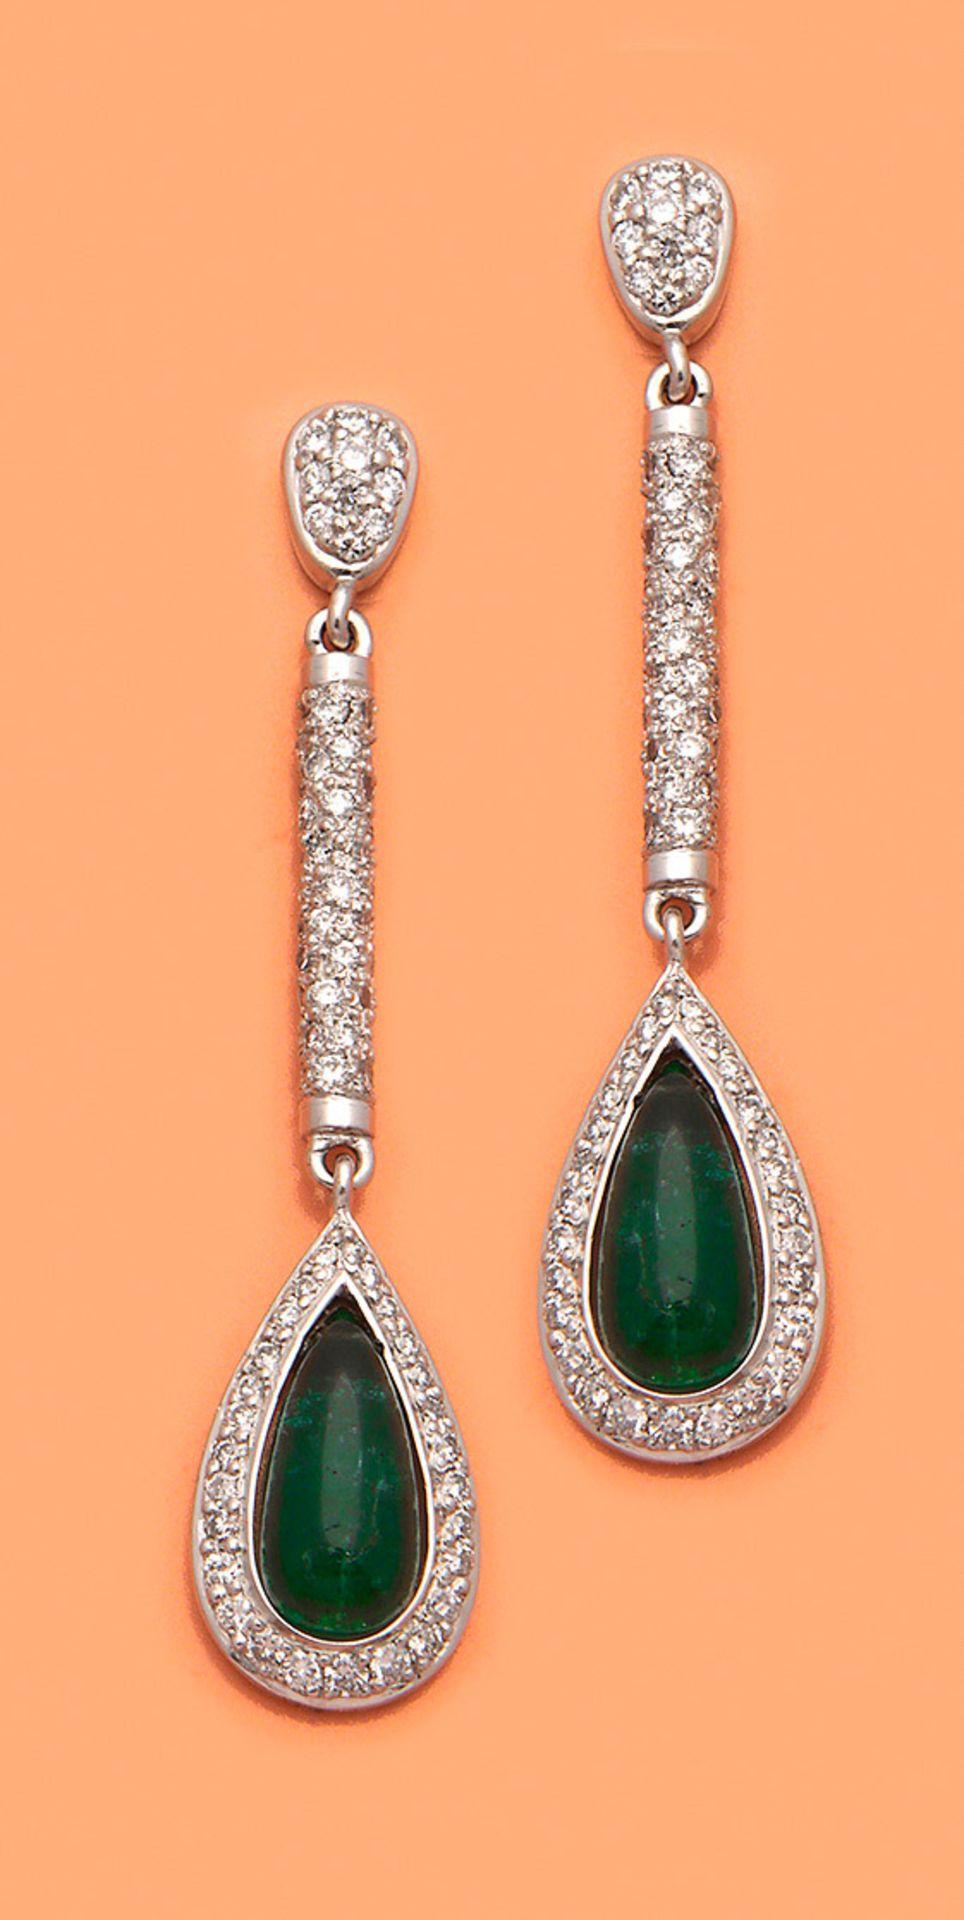 Paar elegante Smaragd-Ohrgehänge